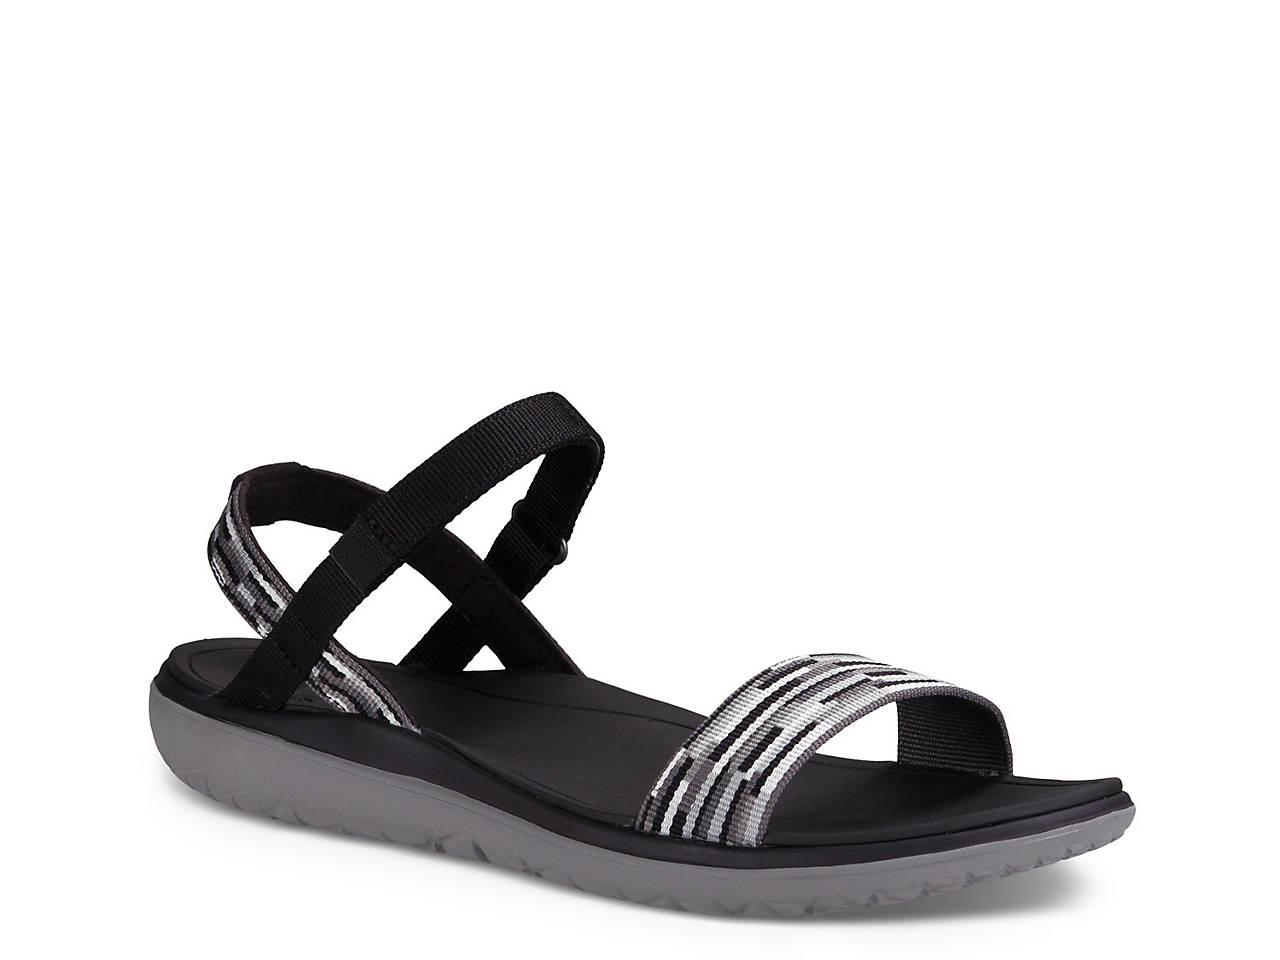 e7d1fbc86c66 Teva Terra-Float Nova Sport Sandal Women s Shoes